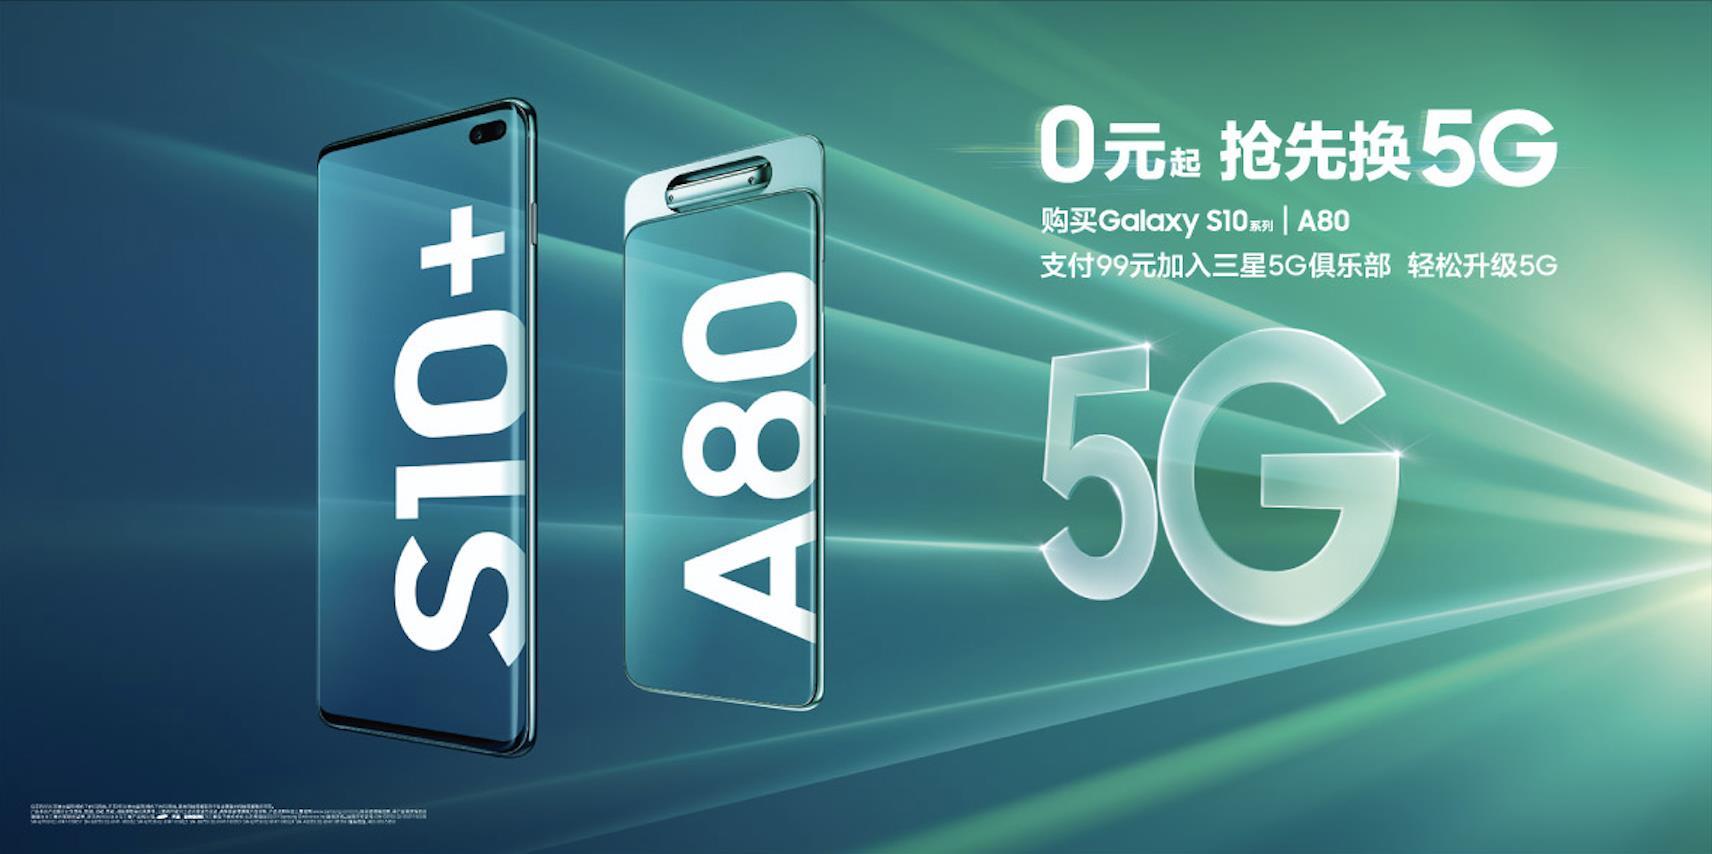 """""""三星5G前锋打算""""7月启动 消费者可0元起升5G手机"""